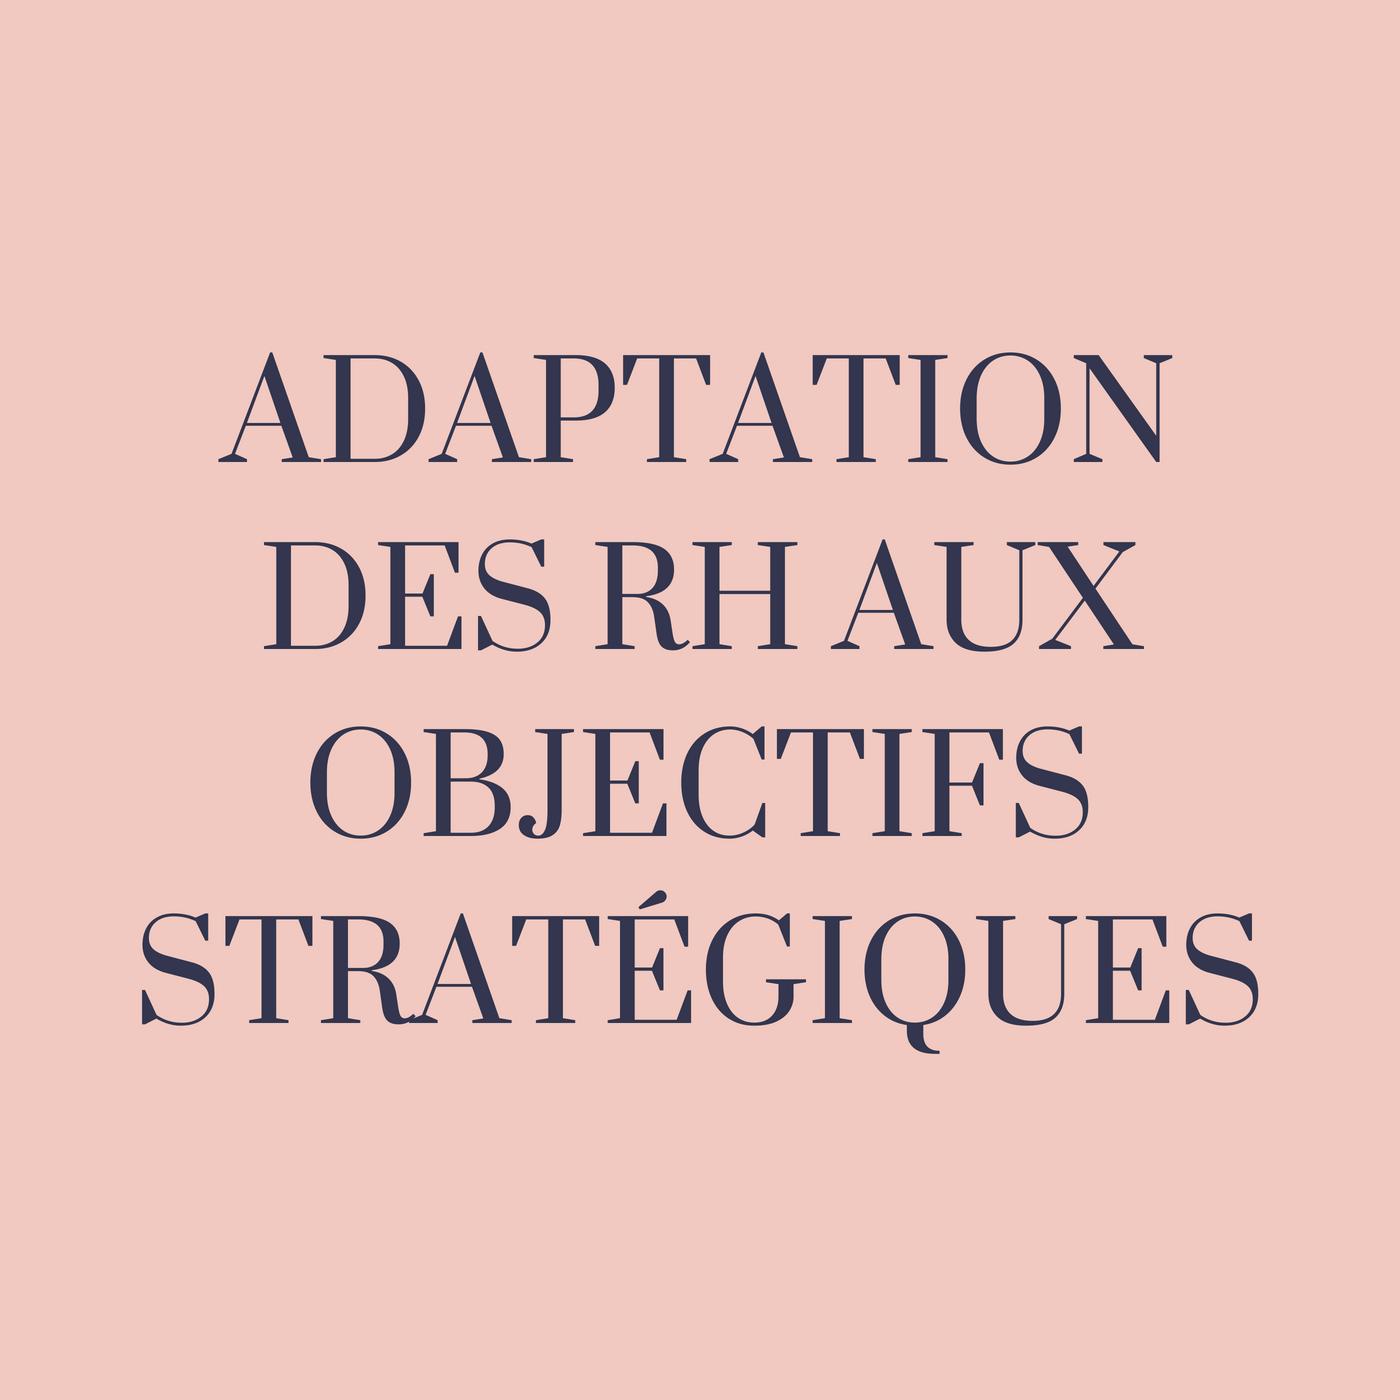 L'adaptation des ressources humaines aux objectifs stratégiques